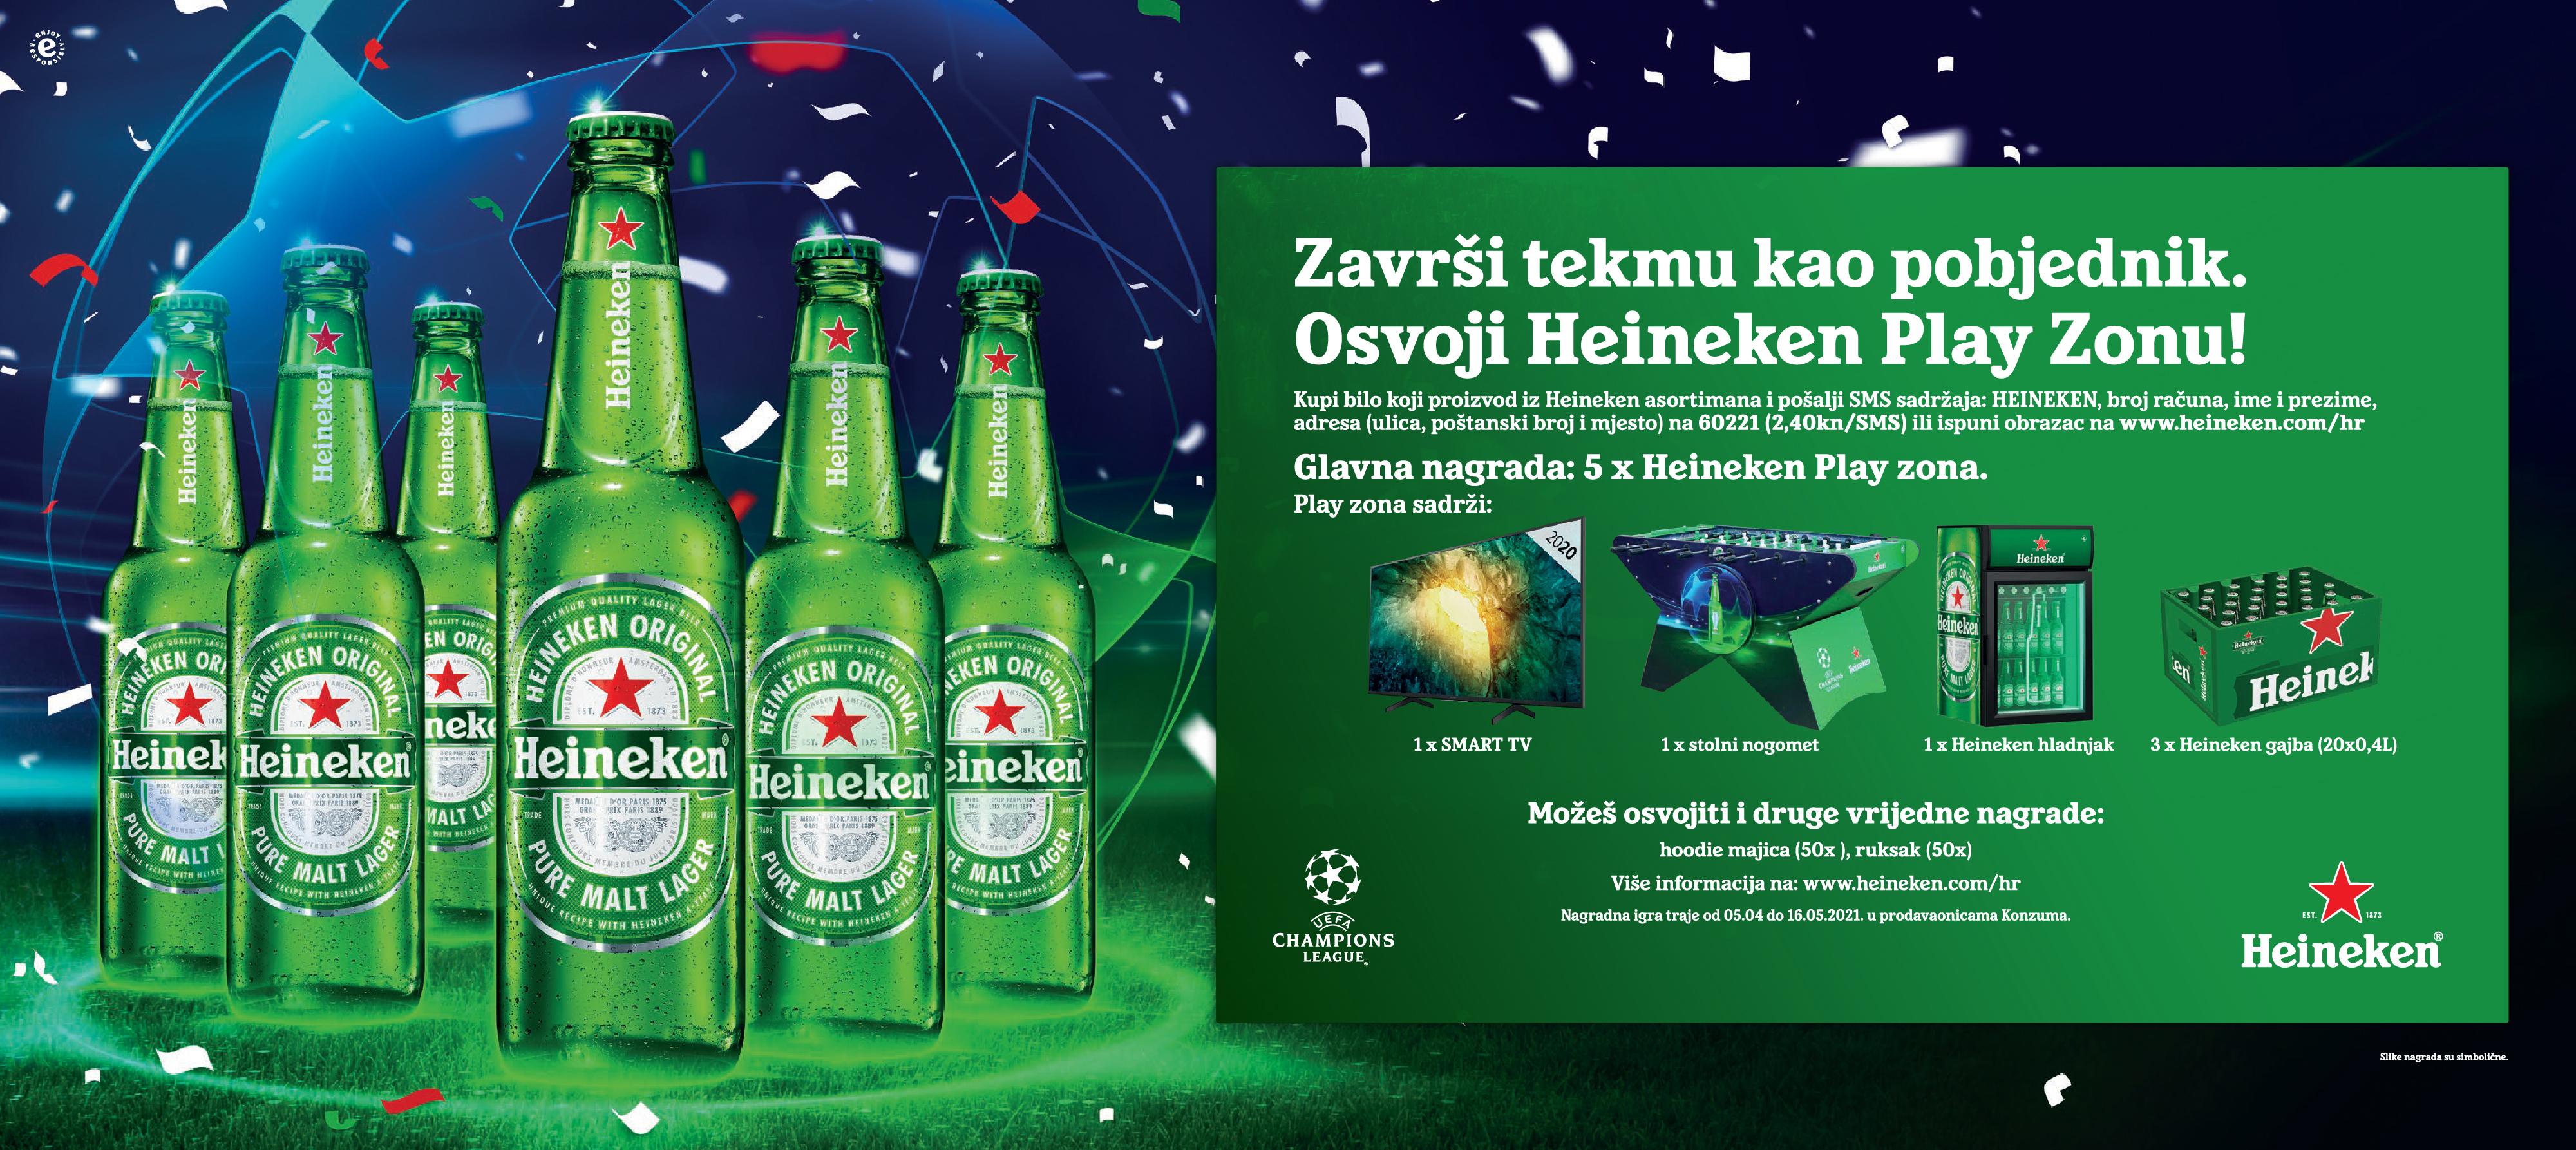 HeinekenUCL_Konzum_1920x857-01.jpg